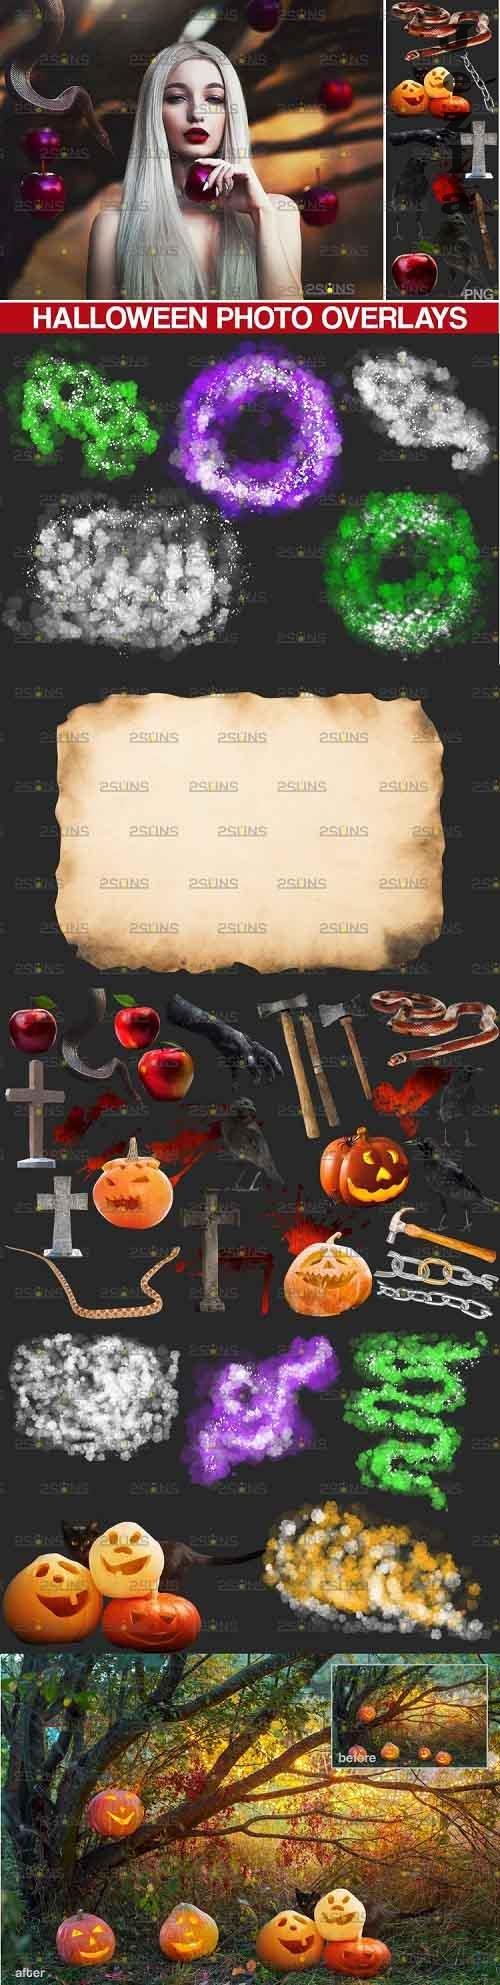 Halloween clipart & Halloween overlays, Photoshop overlay - 909524